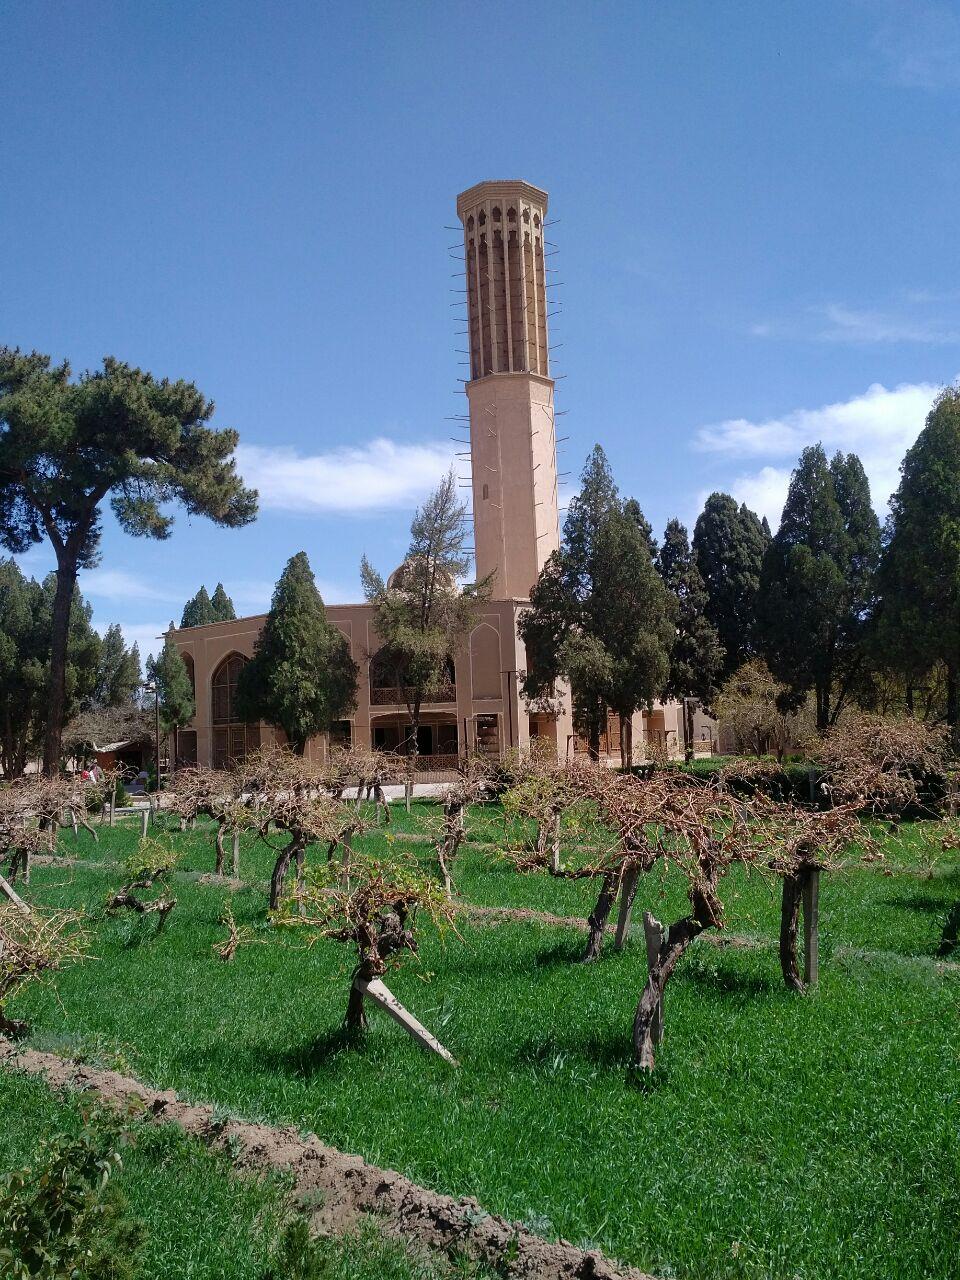 باغ دولت آباد یزد - بلندترین بادگیر جهان با ۳۳.۸ متر ارتفاع